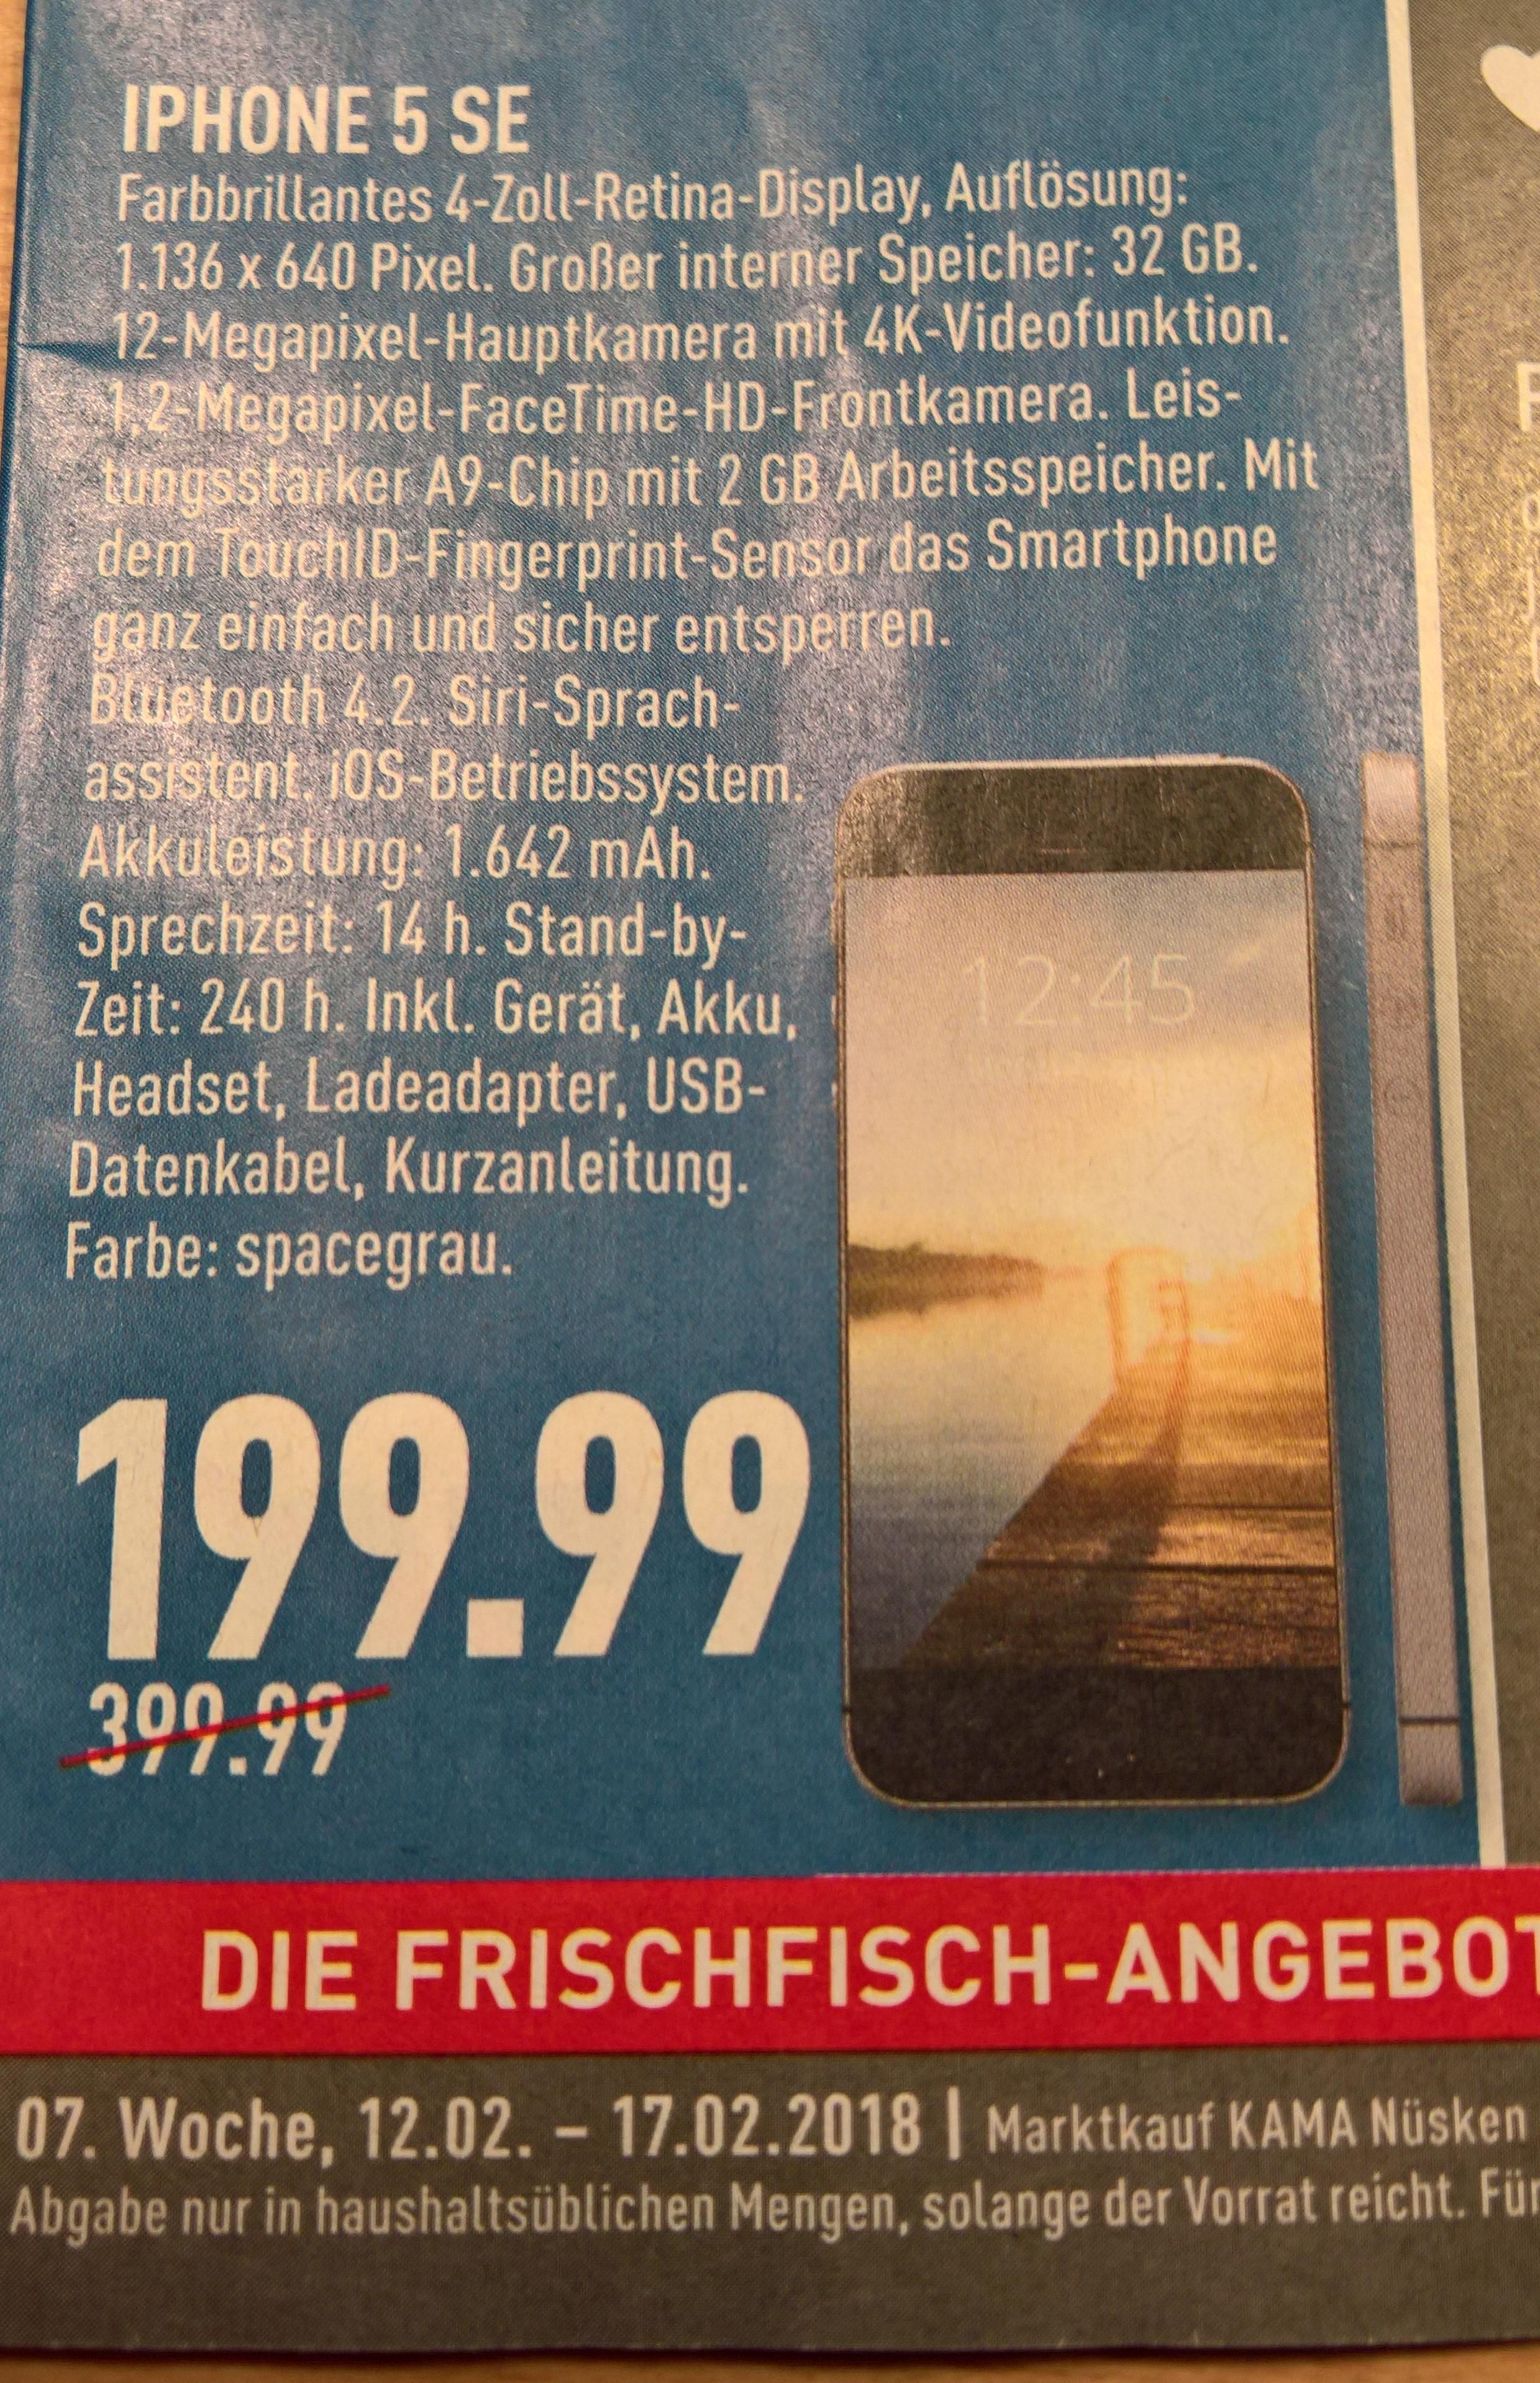 [Lokal] IPhone SE 32 GB spacegrau ab 12.02.2018 bei Marktkauf in 59320 Ennigerloh